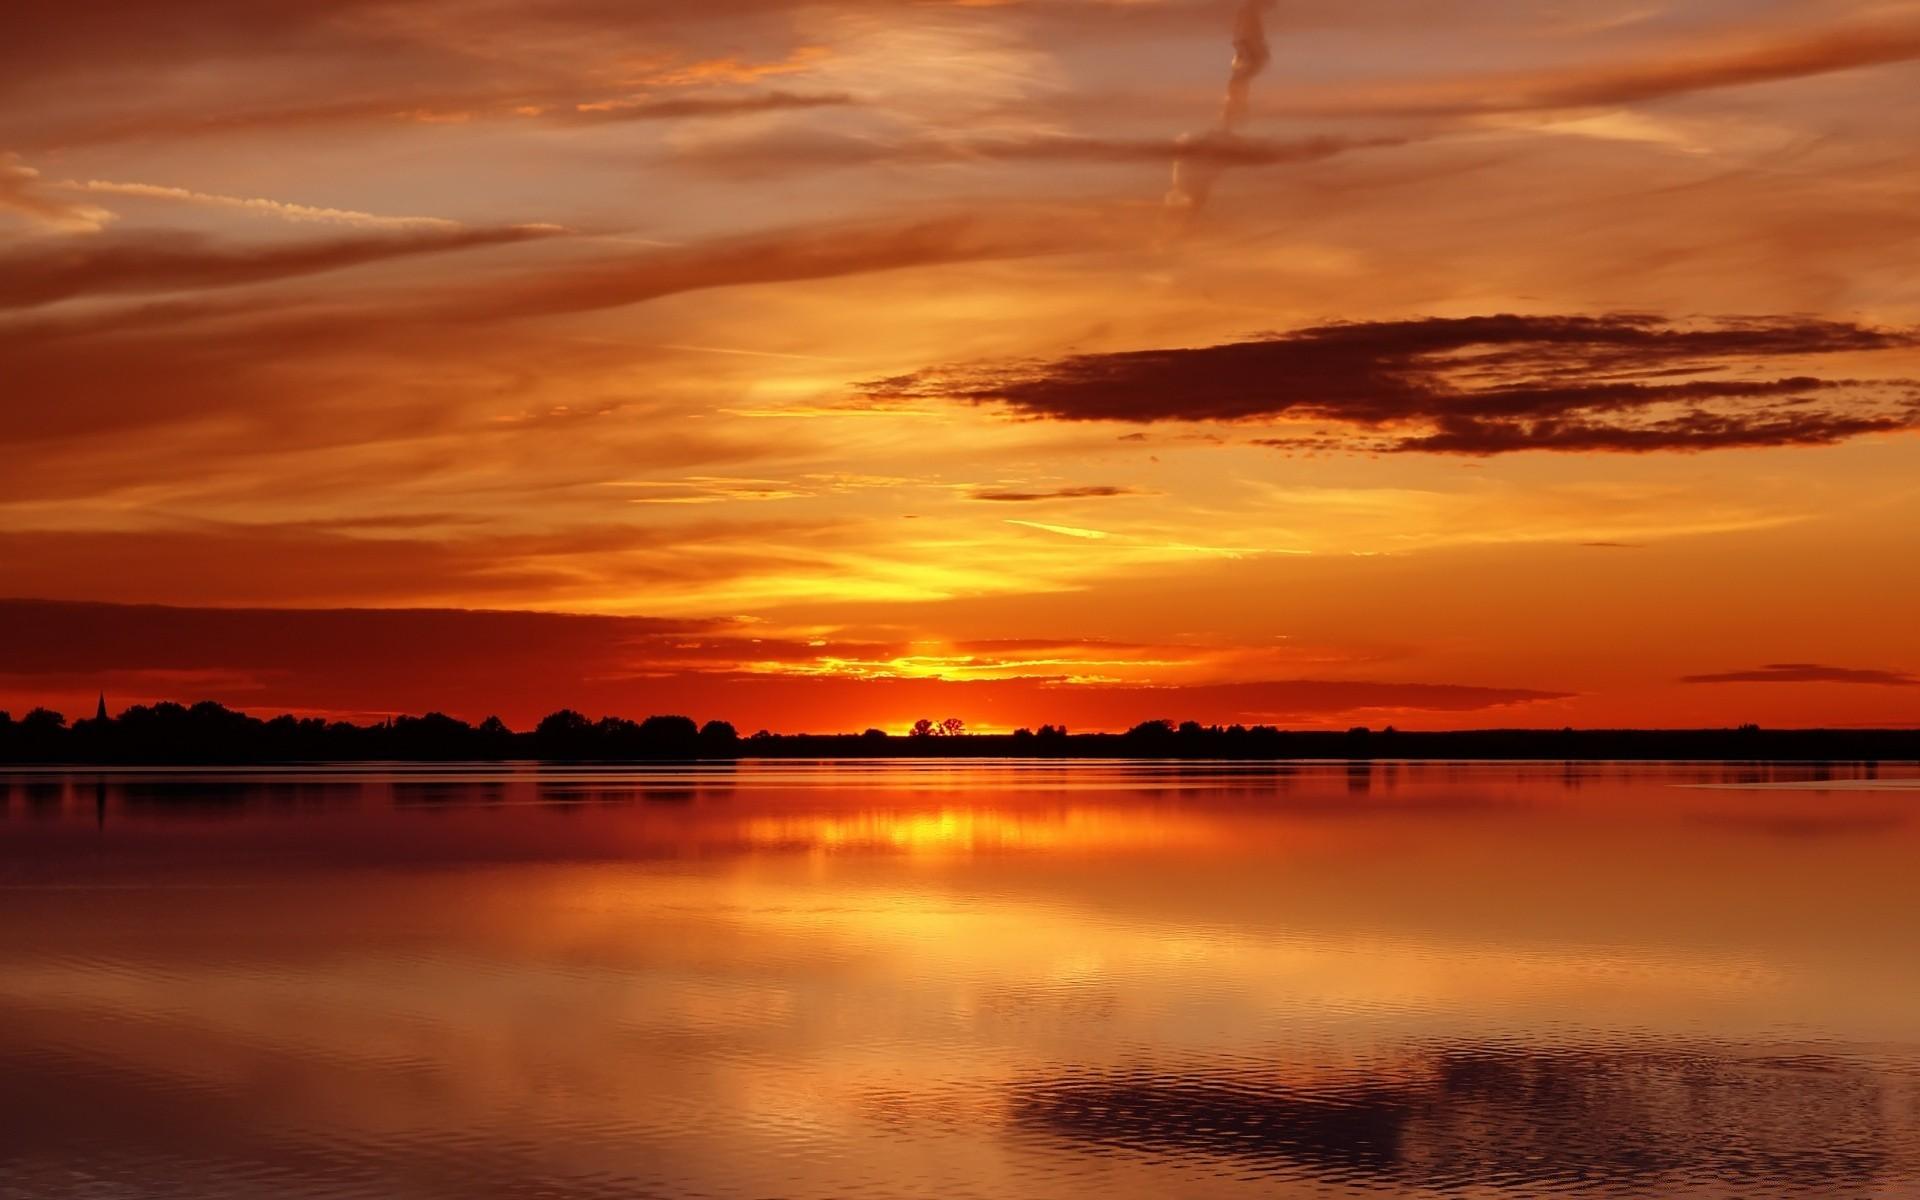 прошлые выходные фото закат рассвет вода этой причине